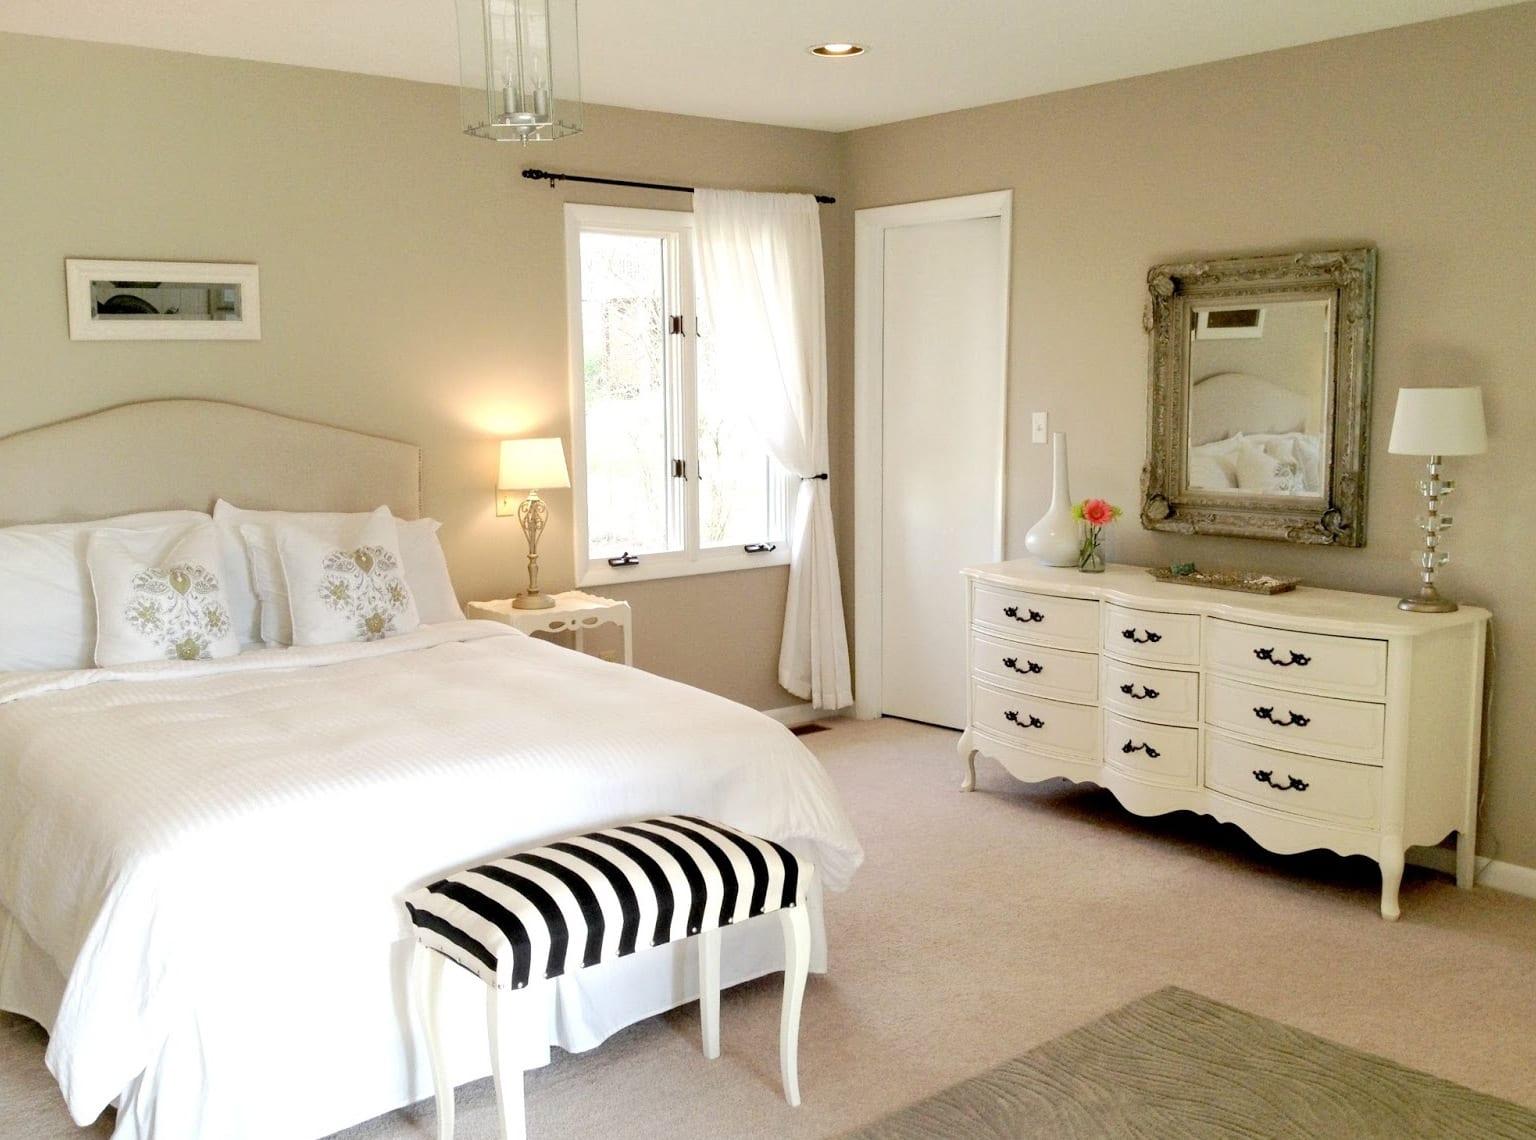 Coole deko ideen und farbgestaltung fürs schlafzimmer   freshouse